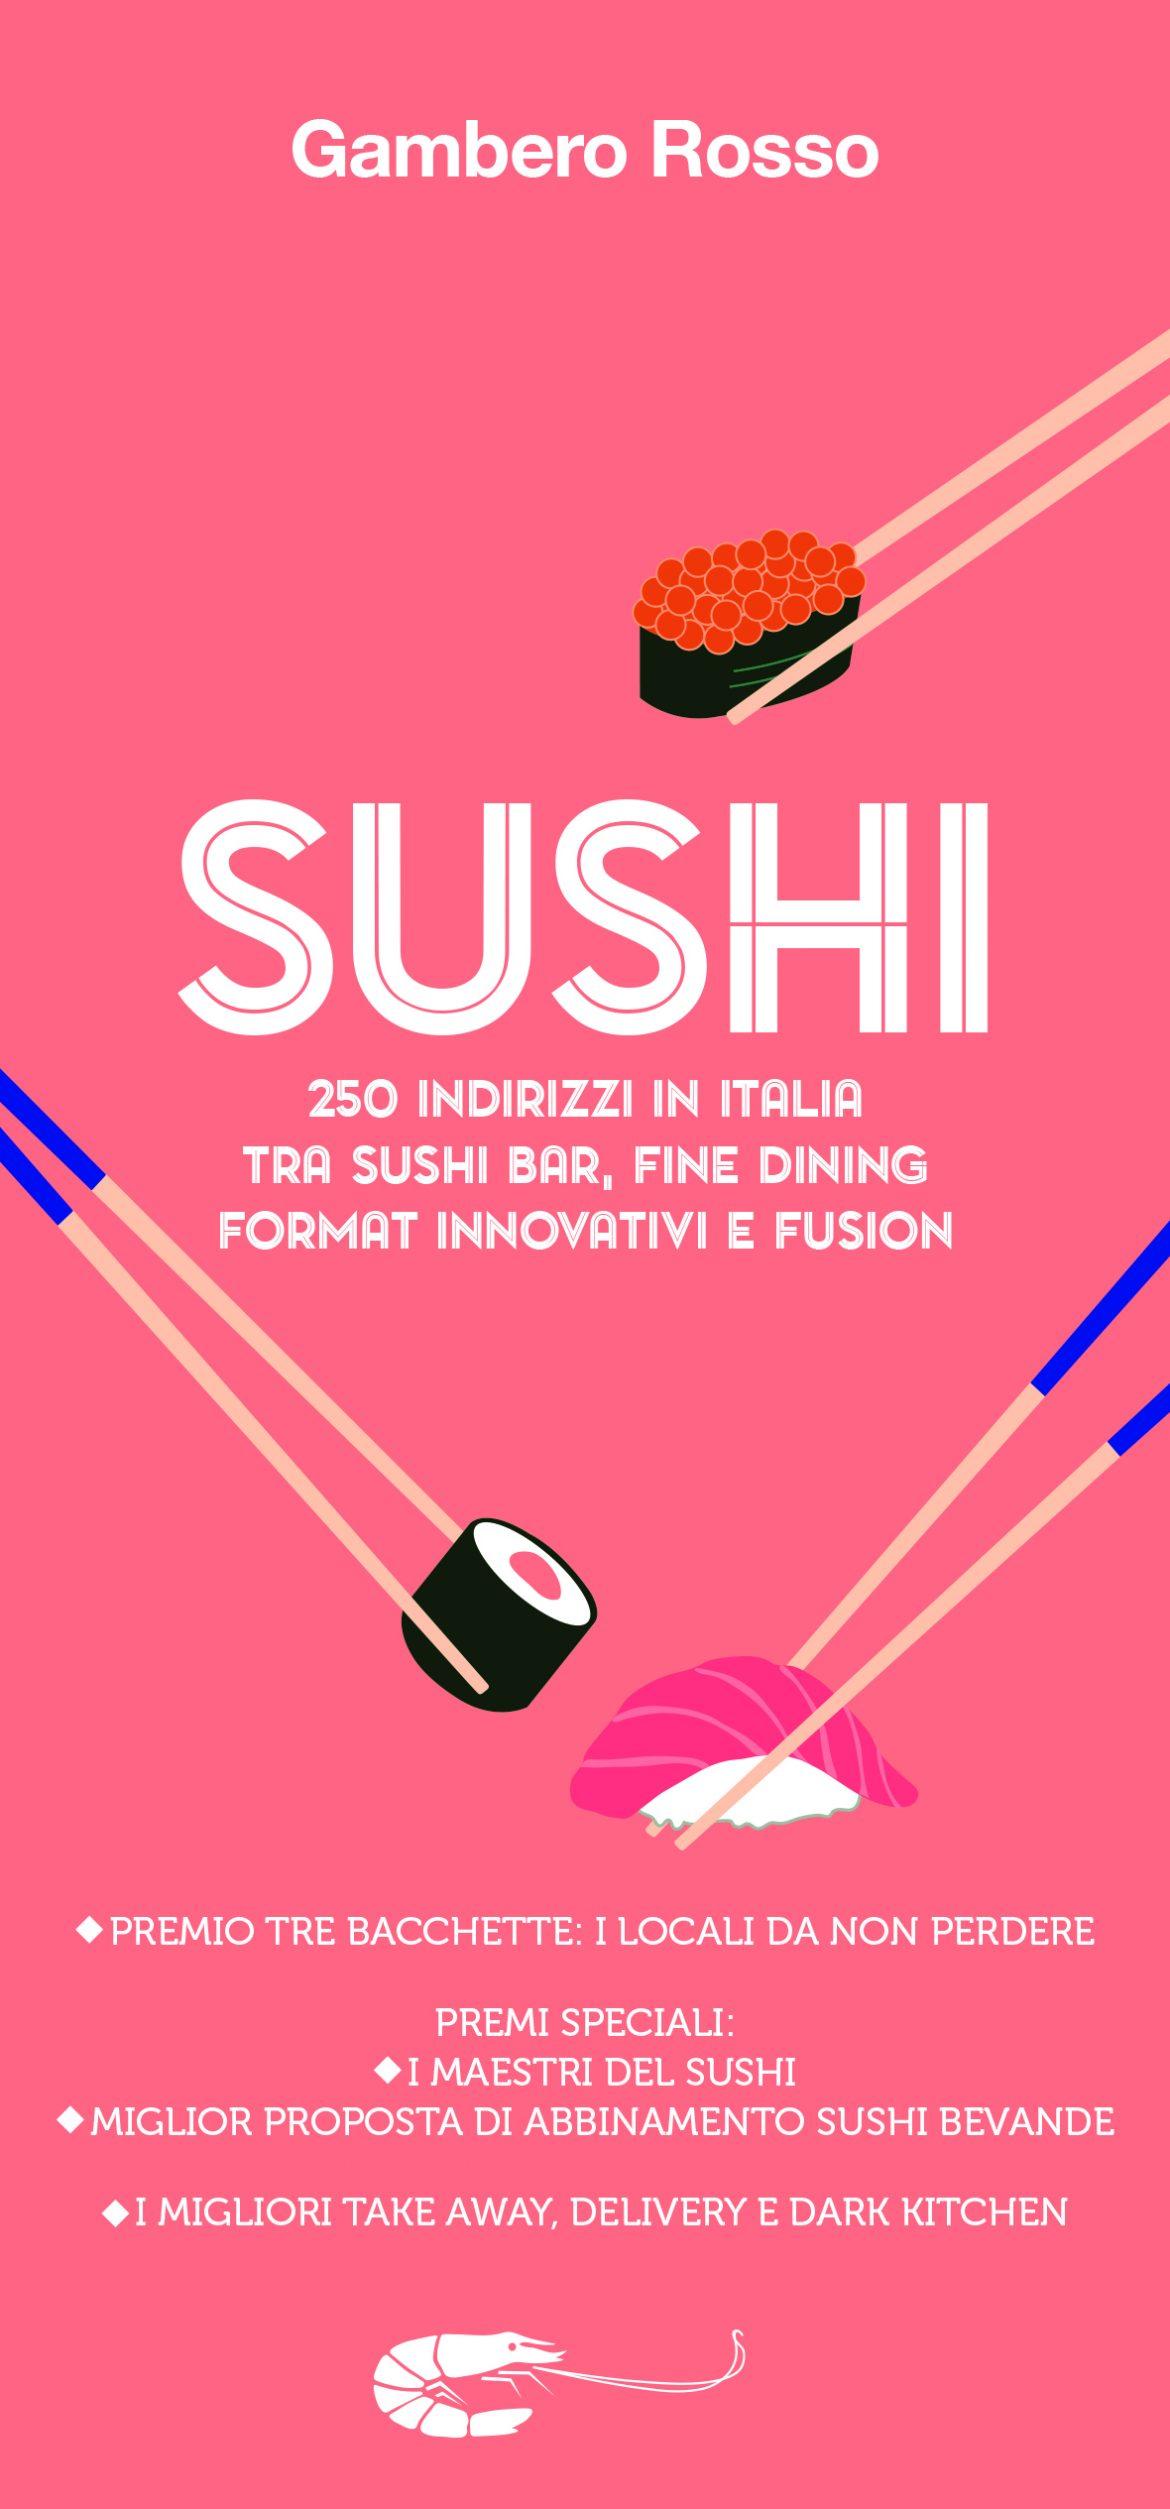 Recensione di Sushi – Gambero Rosso